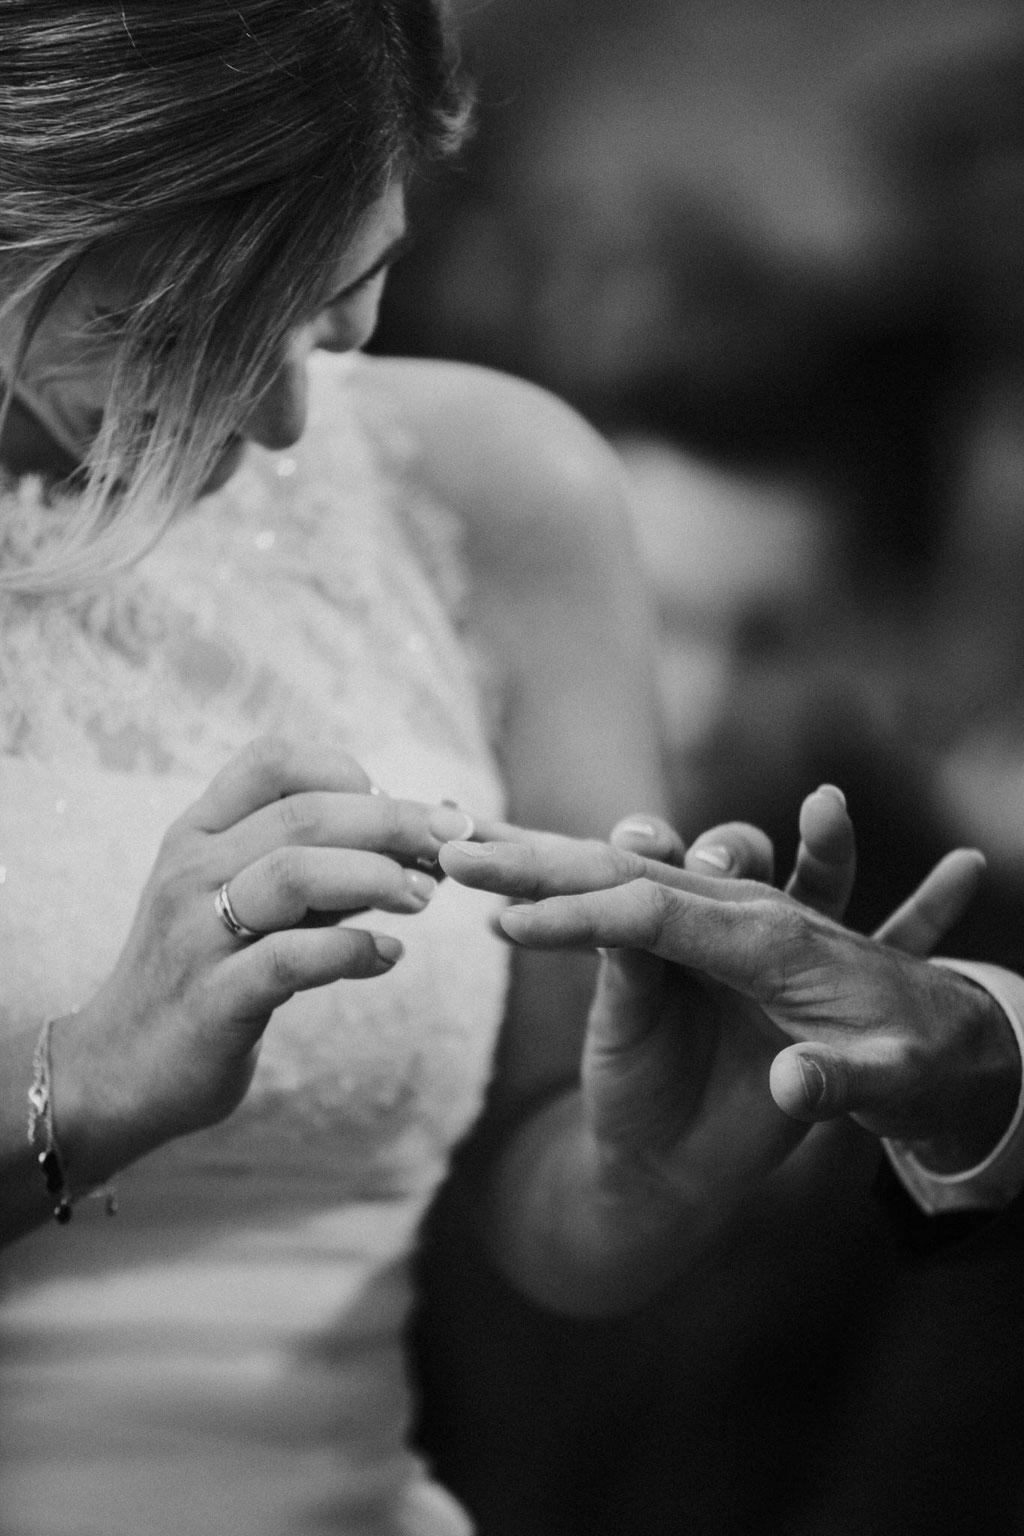 Hochzeitsfoto Timelkam